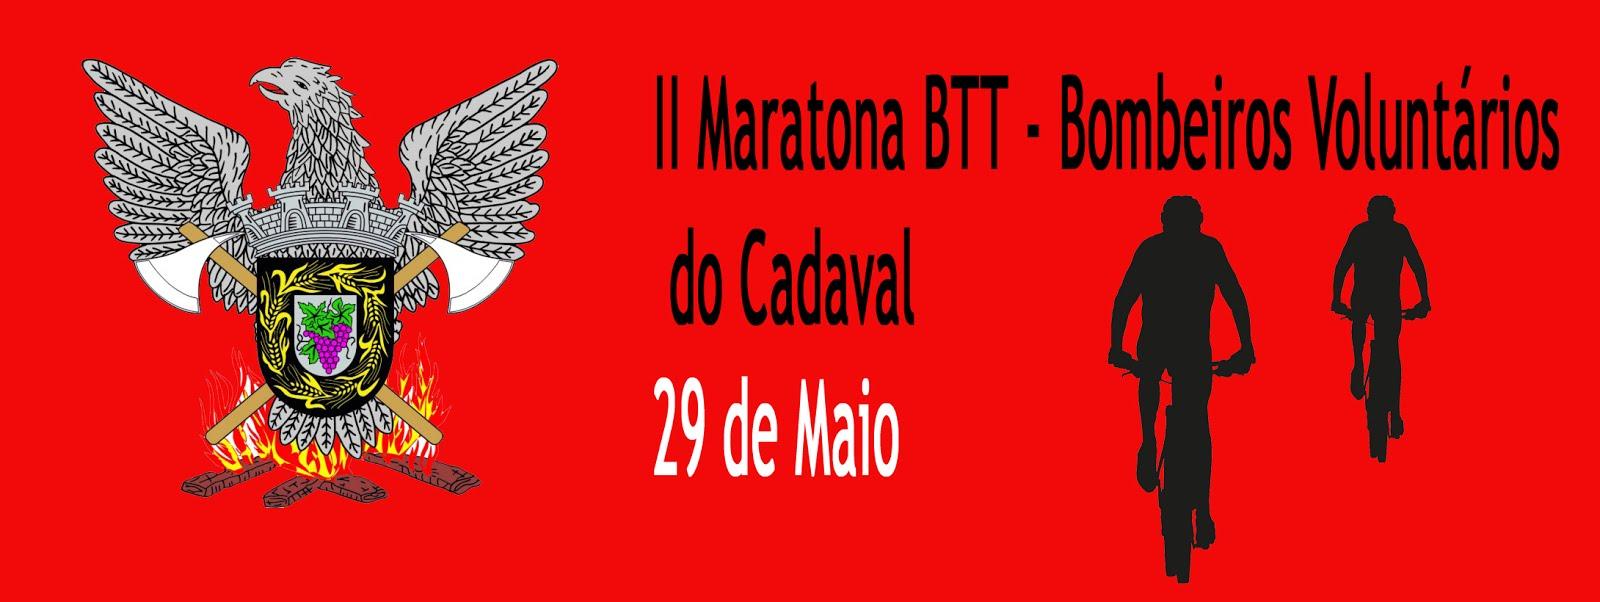 29MAI * CADAVAL